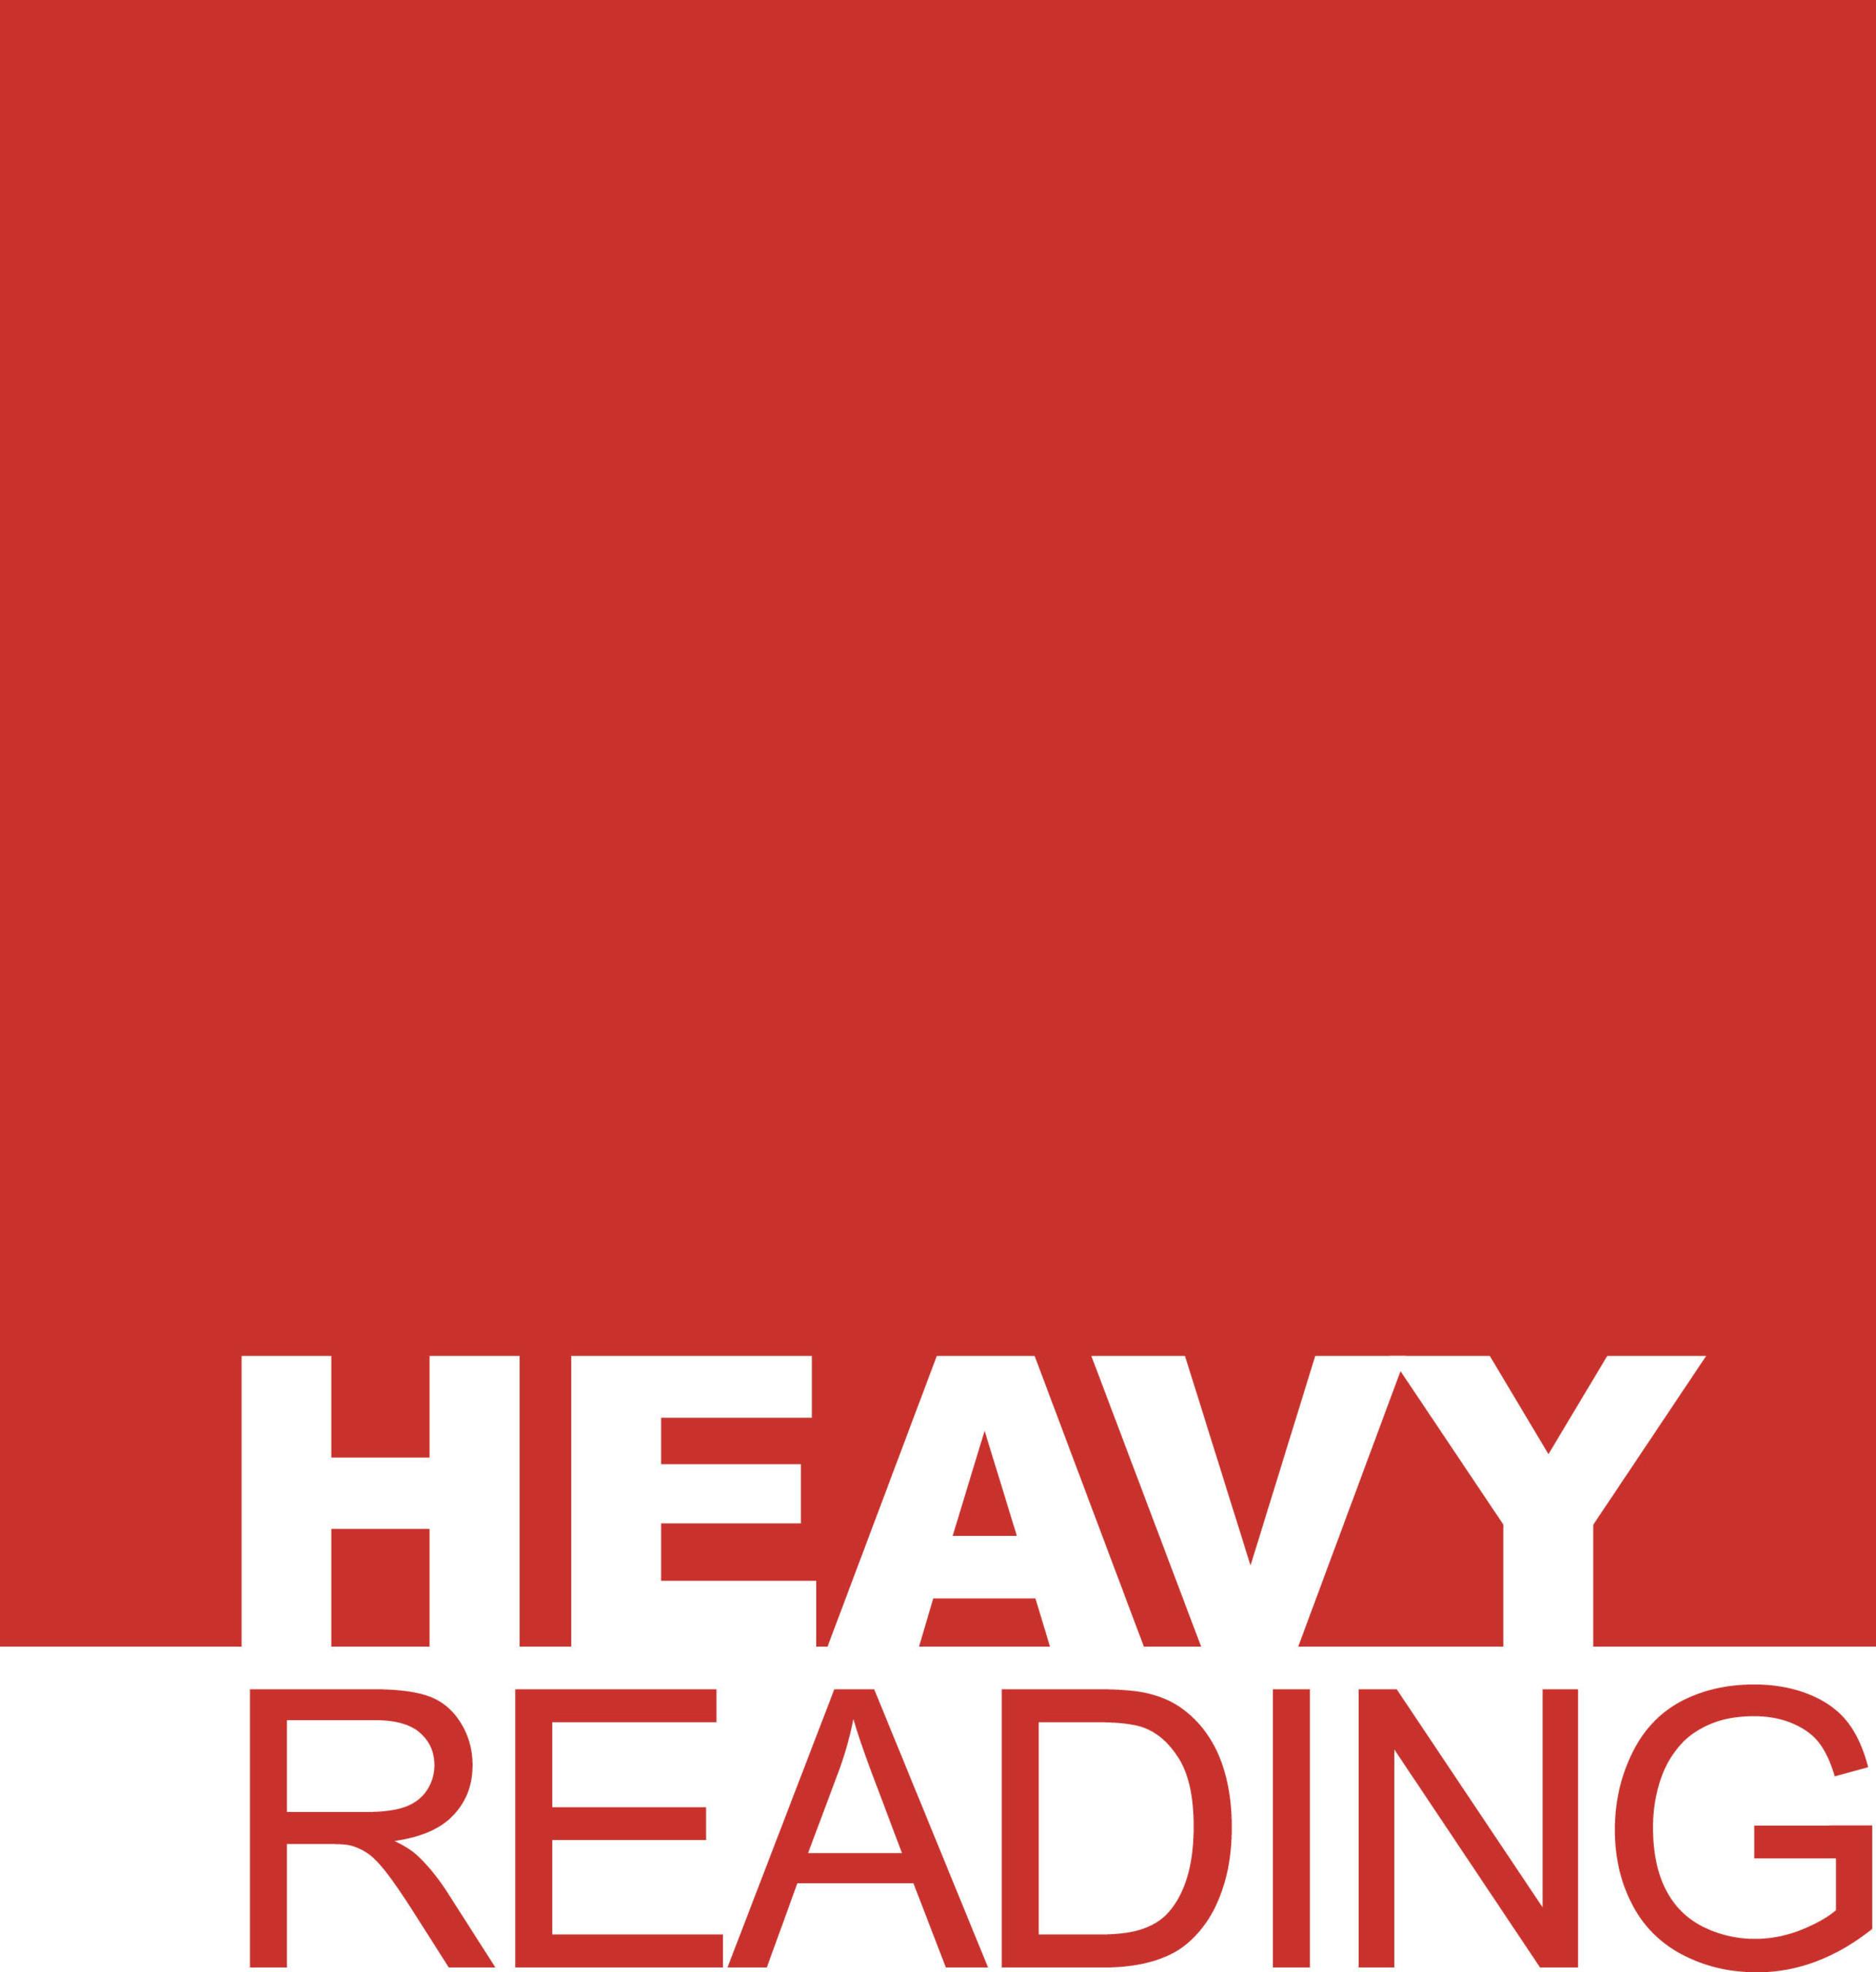 Heavy Reading (PRNewsFoto/Heavy Reading ) (PRNewsFoto/Heavy Reading)